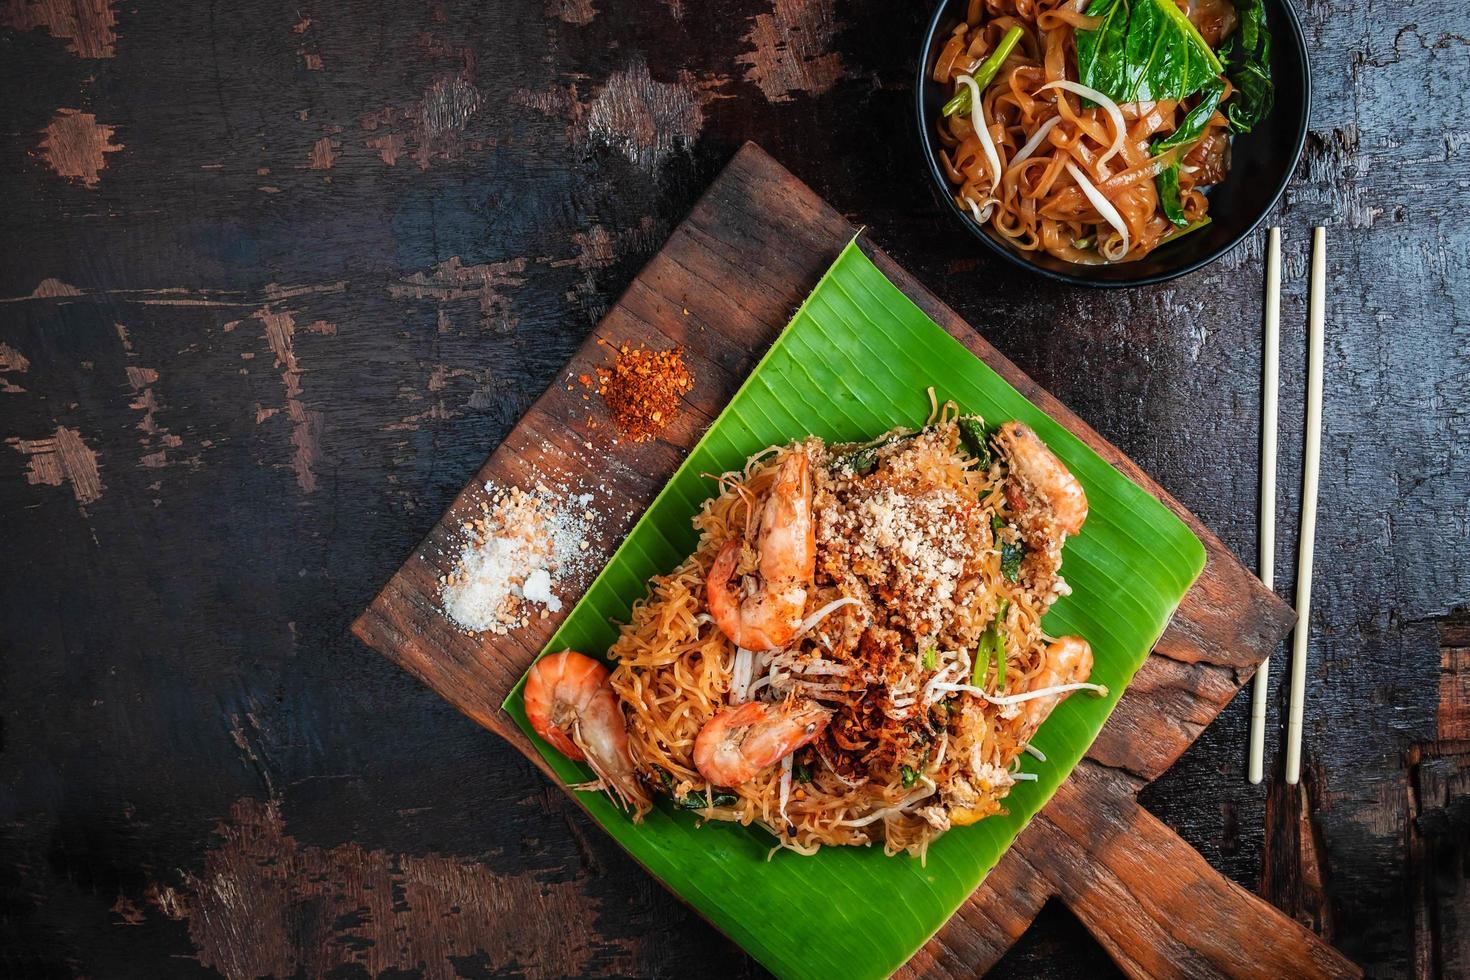 nourriture thaïlandaise sur feuille de bananier photo